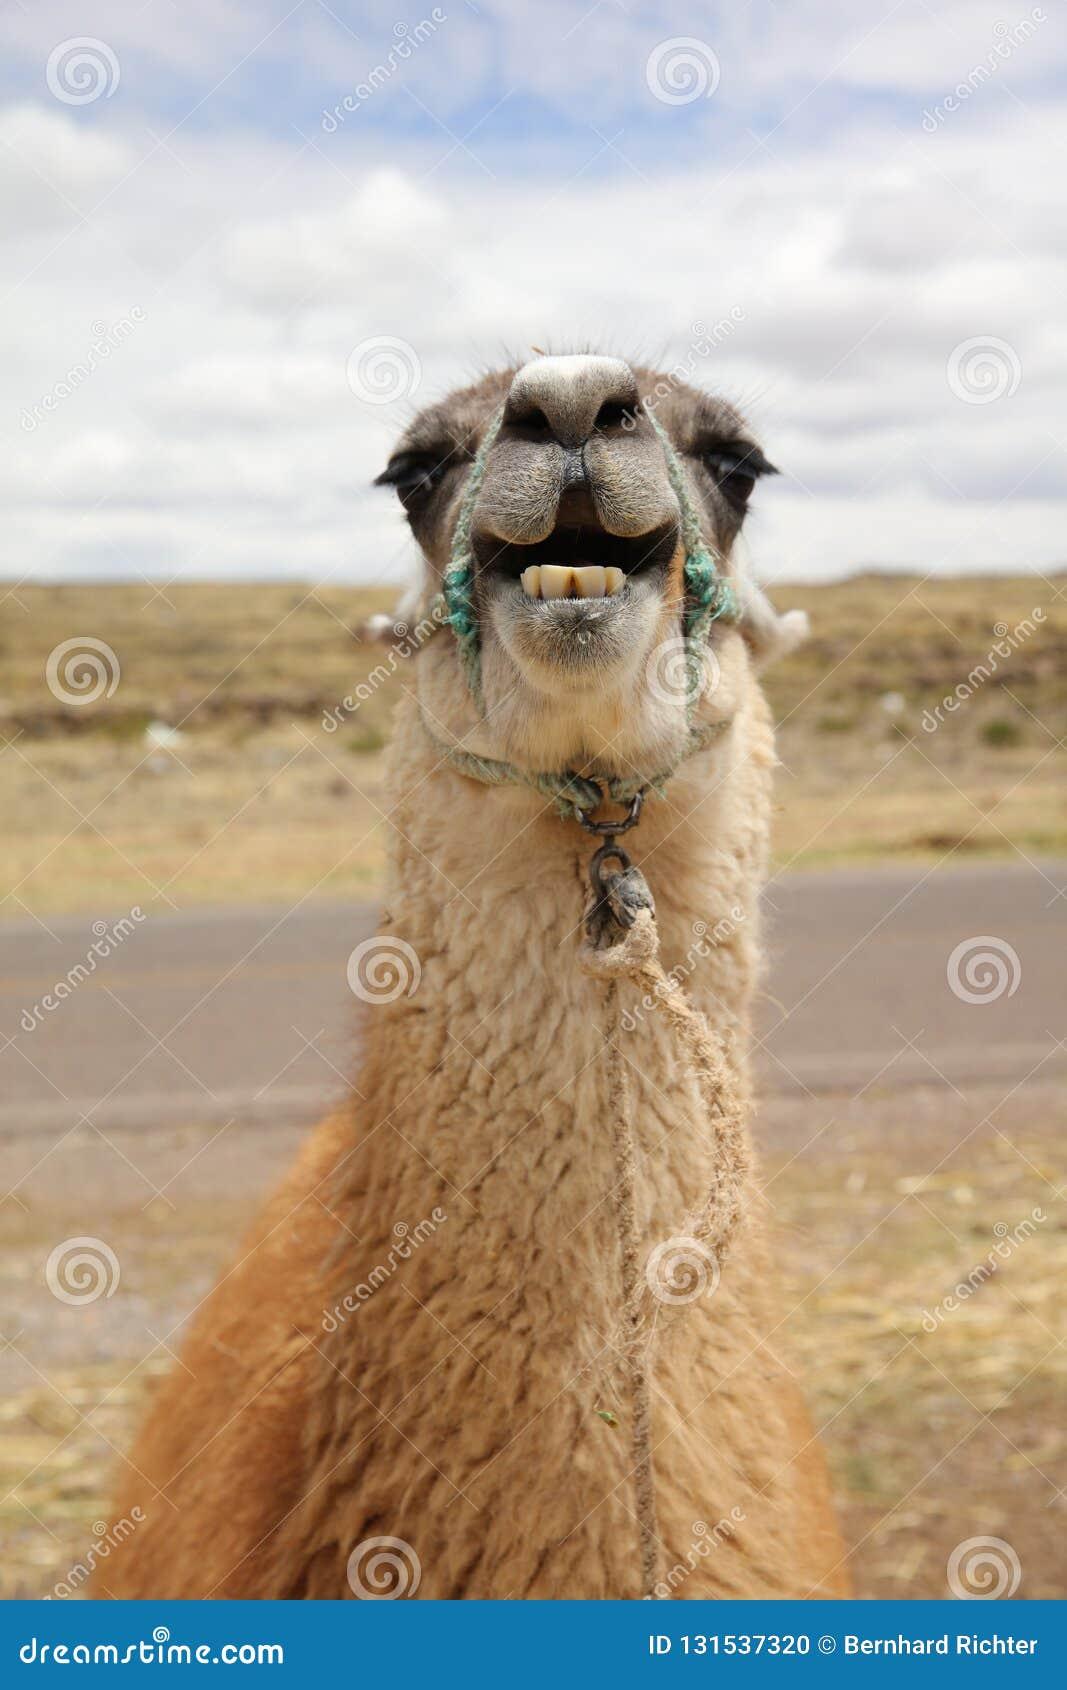 Lama au Pérou beau chiffre dimensionnel illustration trois du sud de 3d Amérique très